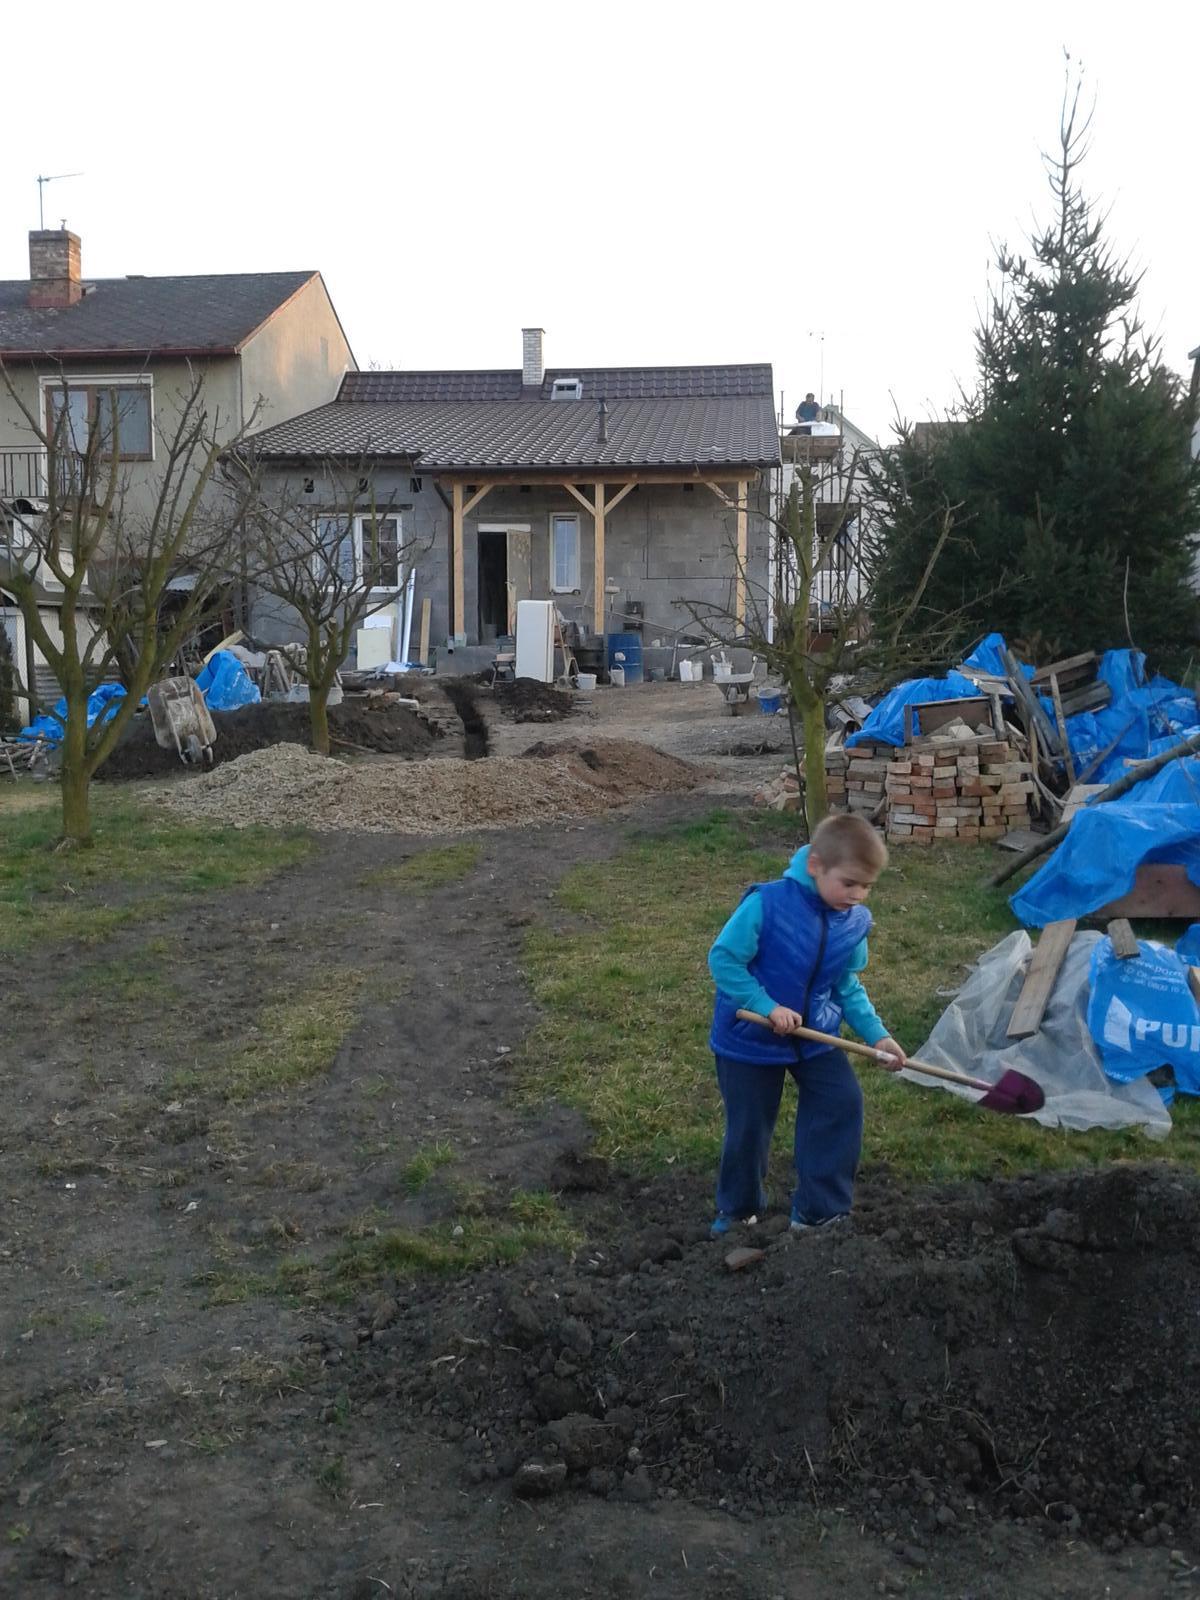 Domeček rekonstruujeme pro rodiče - Malý velký pomocník kope základy pro domeček na nářadí